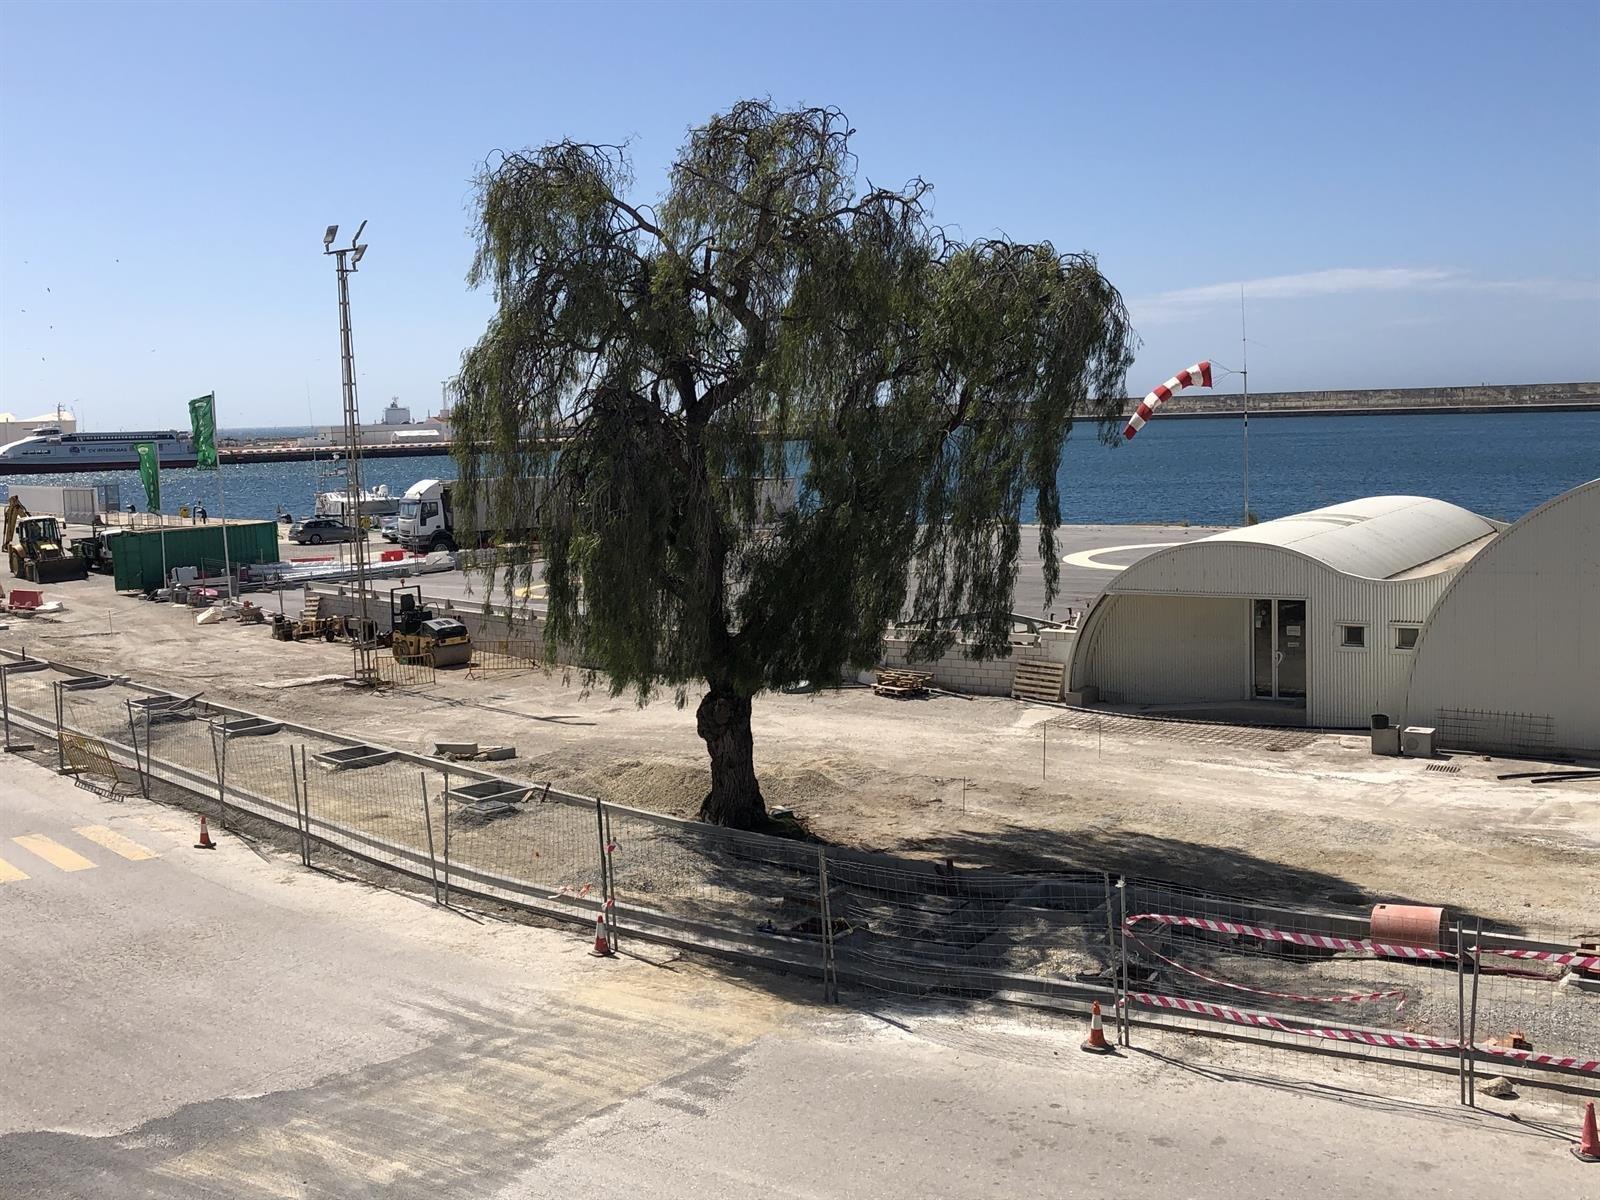 El puerto espera concluir este mes las obras para mejorar la accesibilidad de pasajeros y vehículos